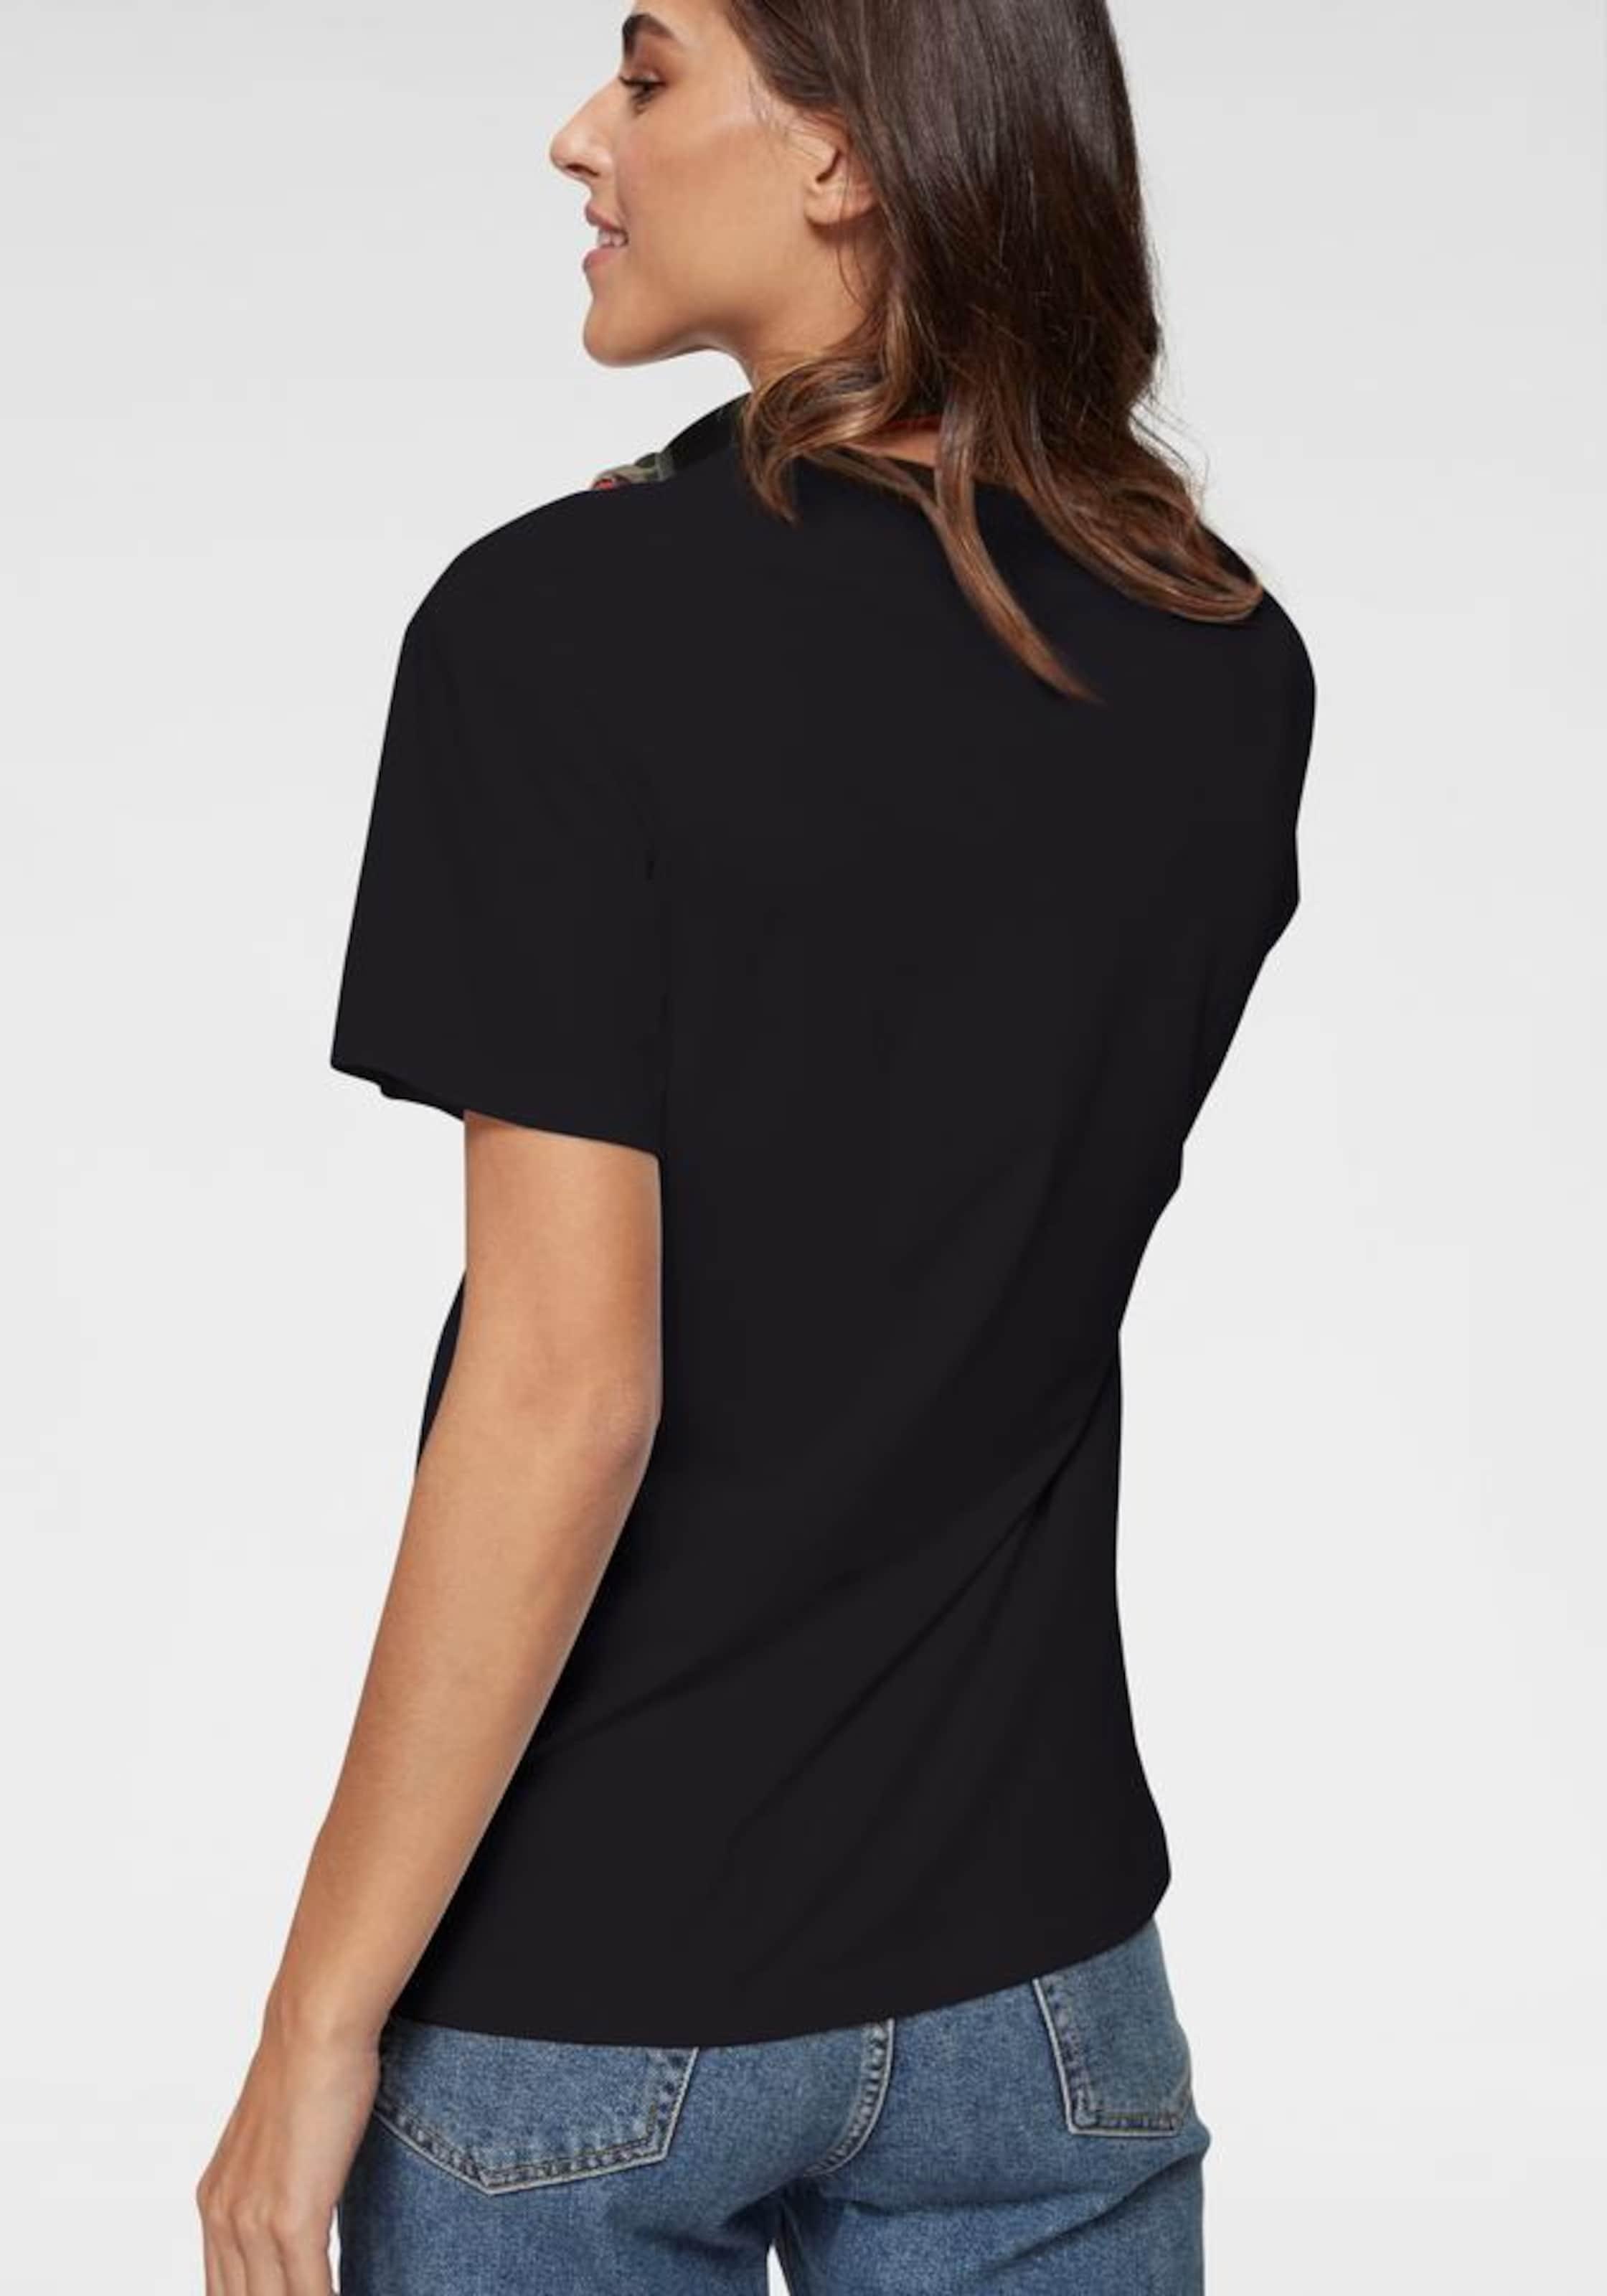 Damen Converse T-Shirt 'Distort' blau,  schwarz,  weiß | 00888757875153